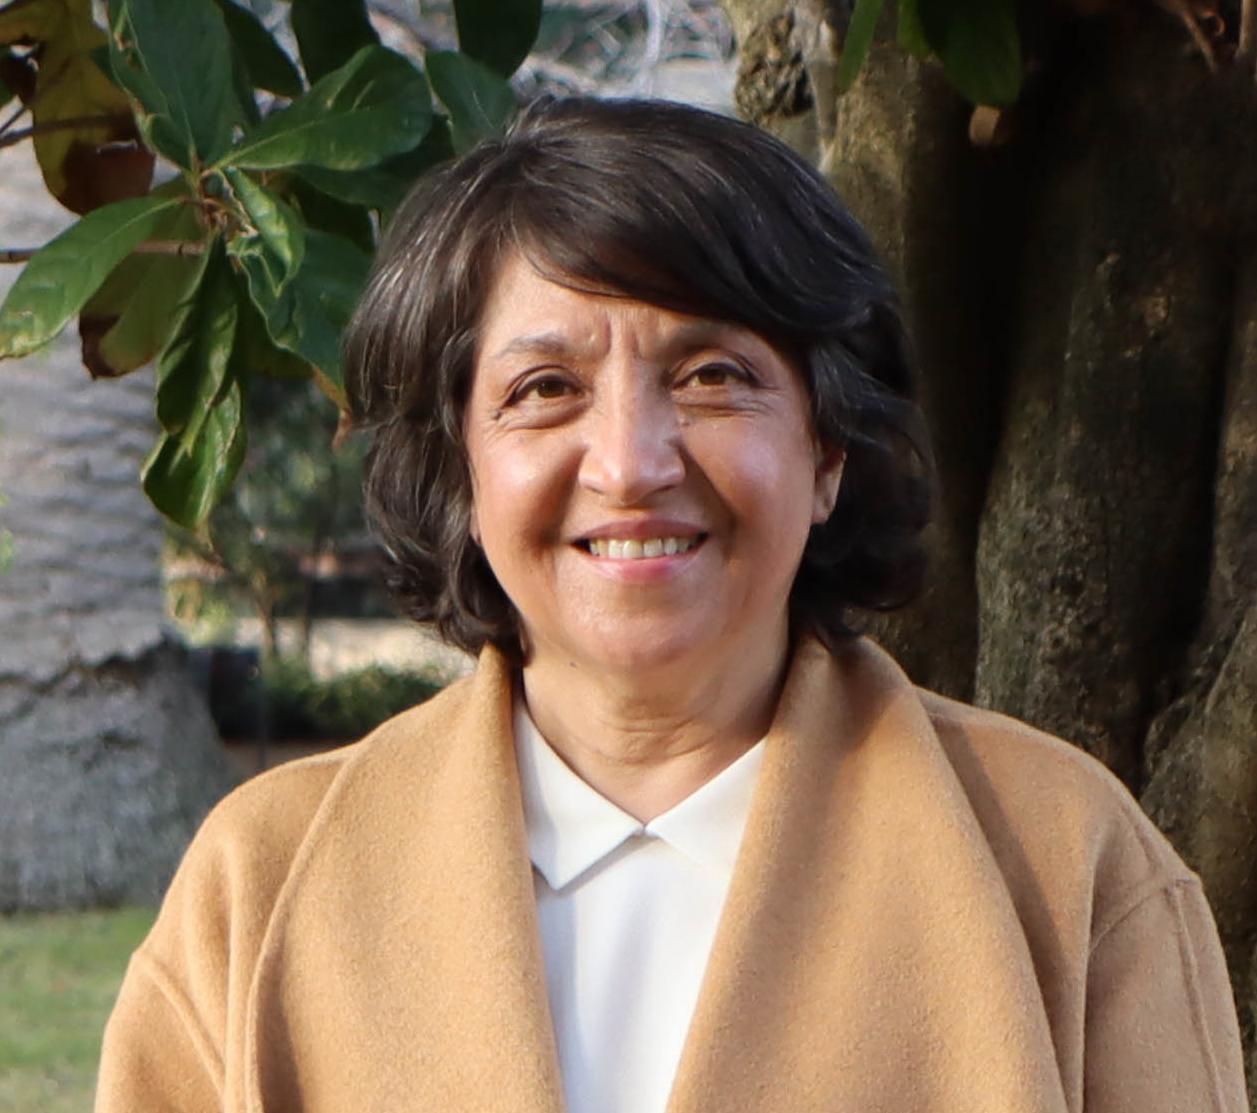 Elisa Araya Cortez